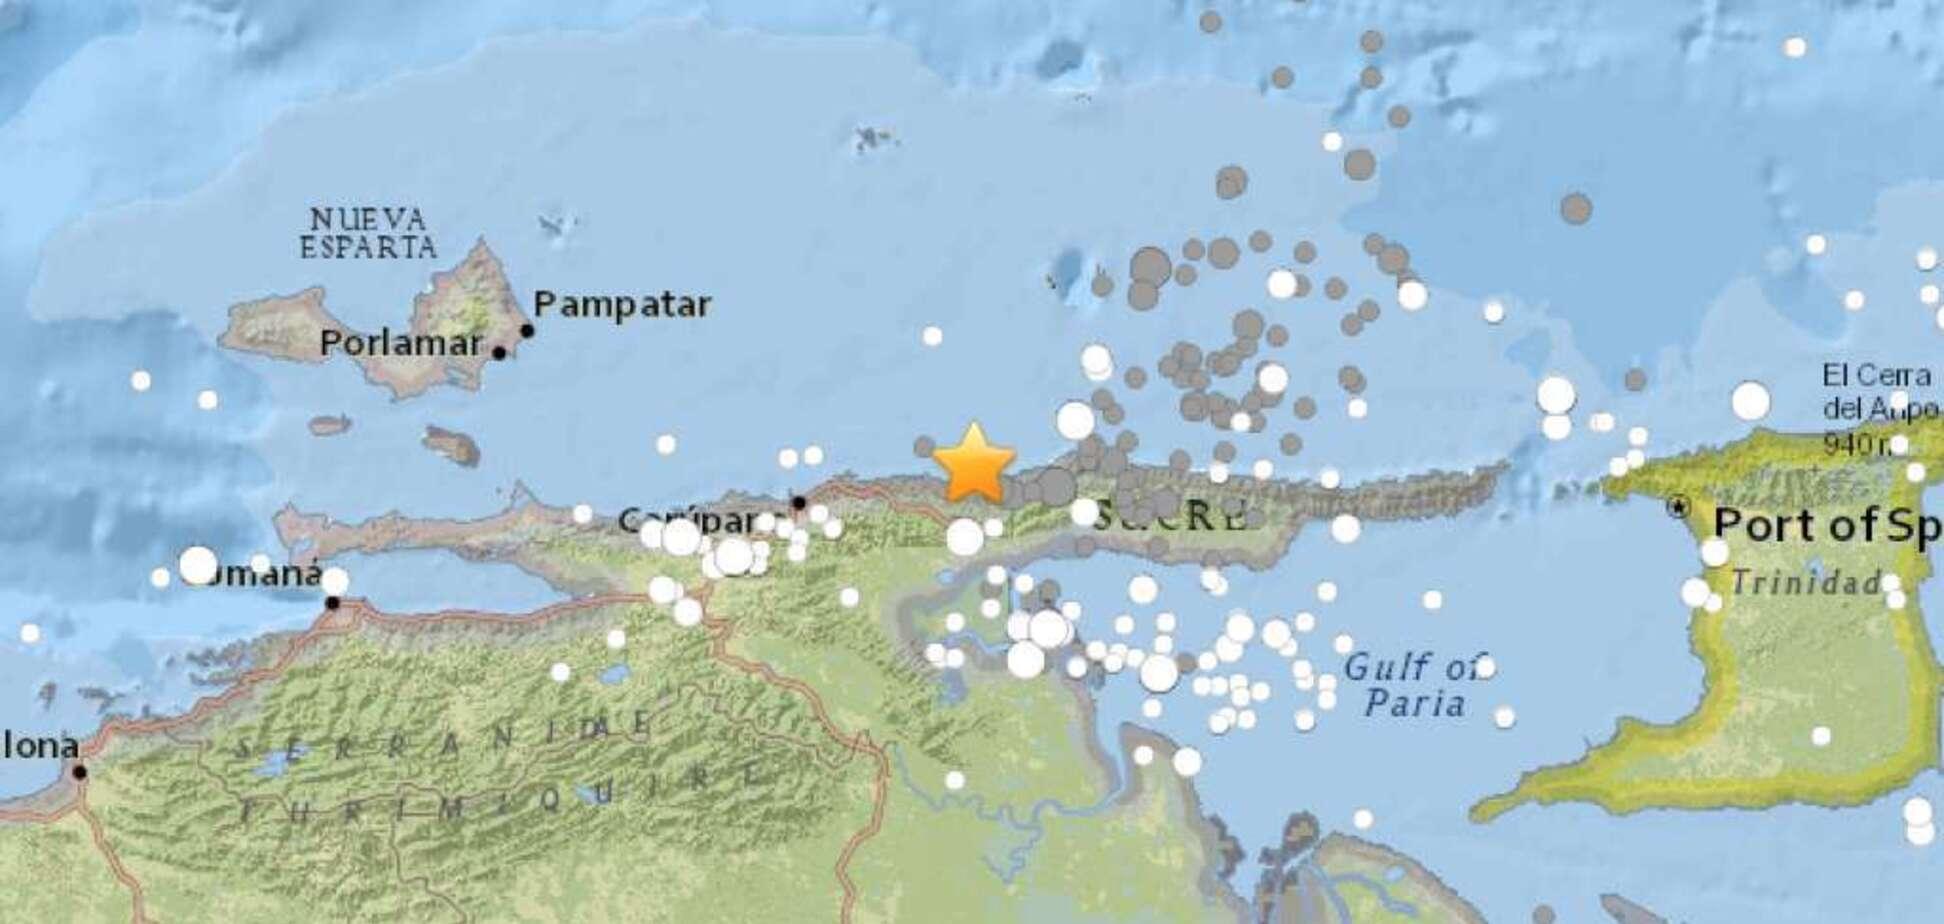 Оголошена евакуація: у Венесуелі стався потужний землетрус